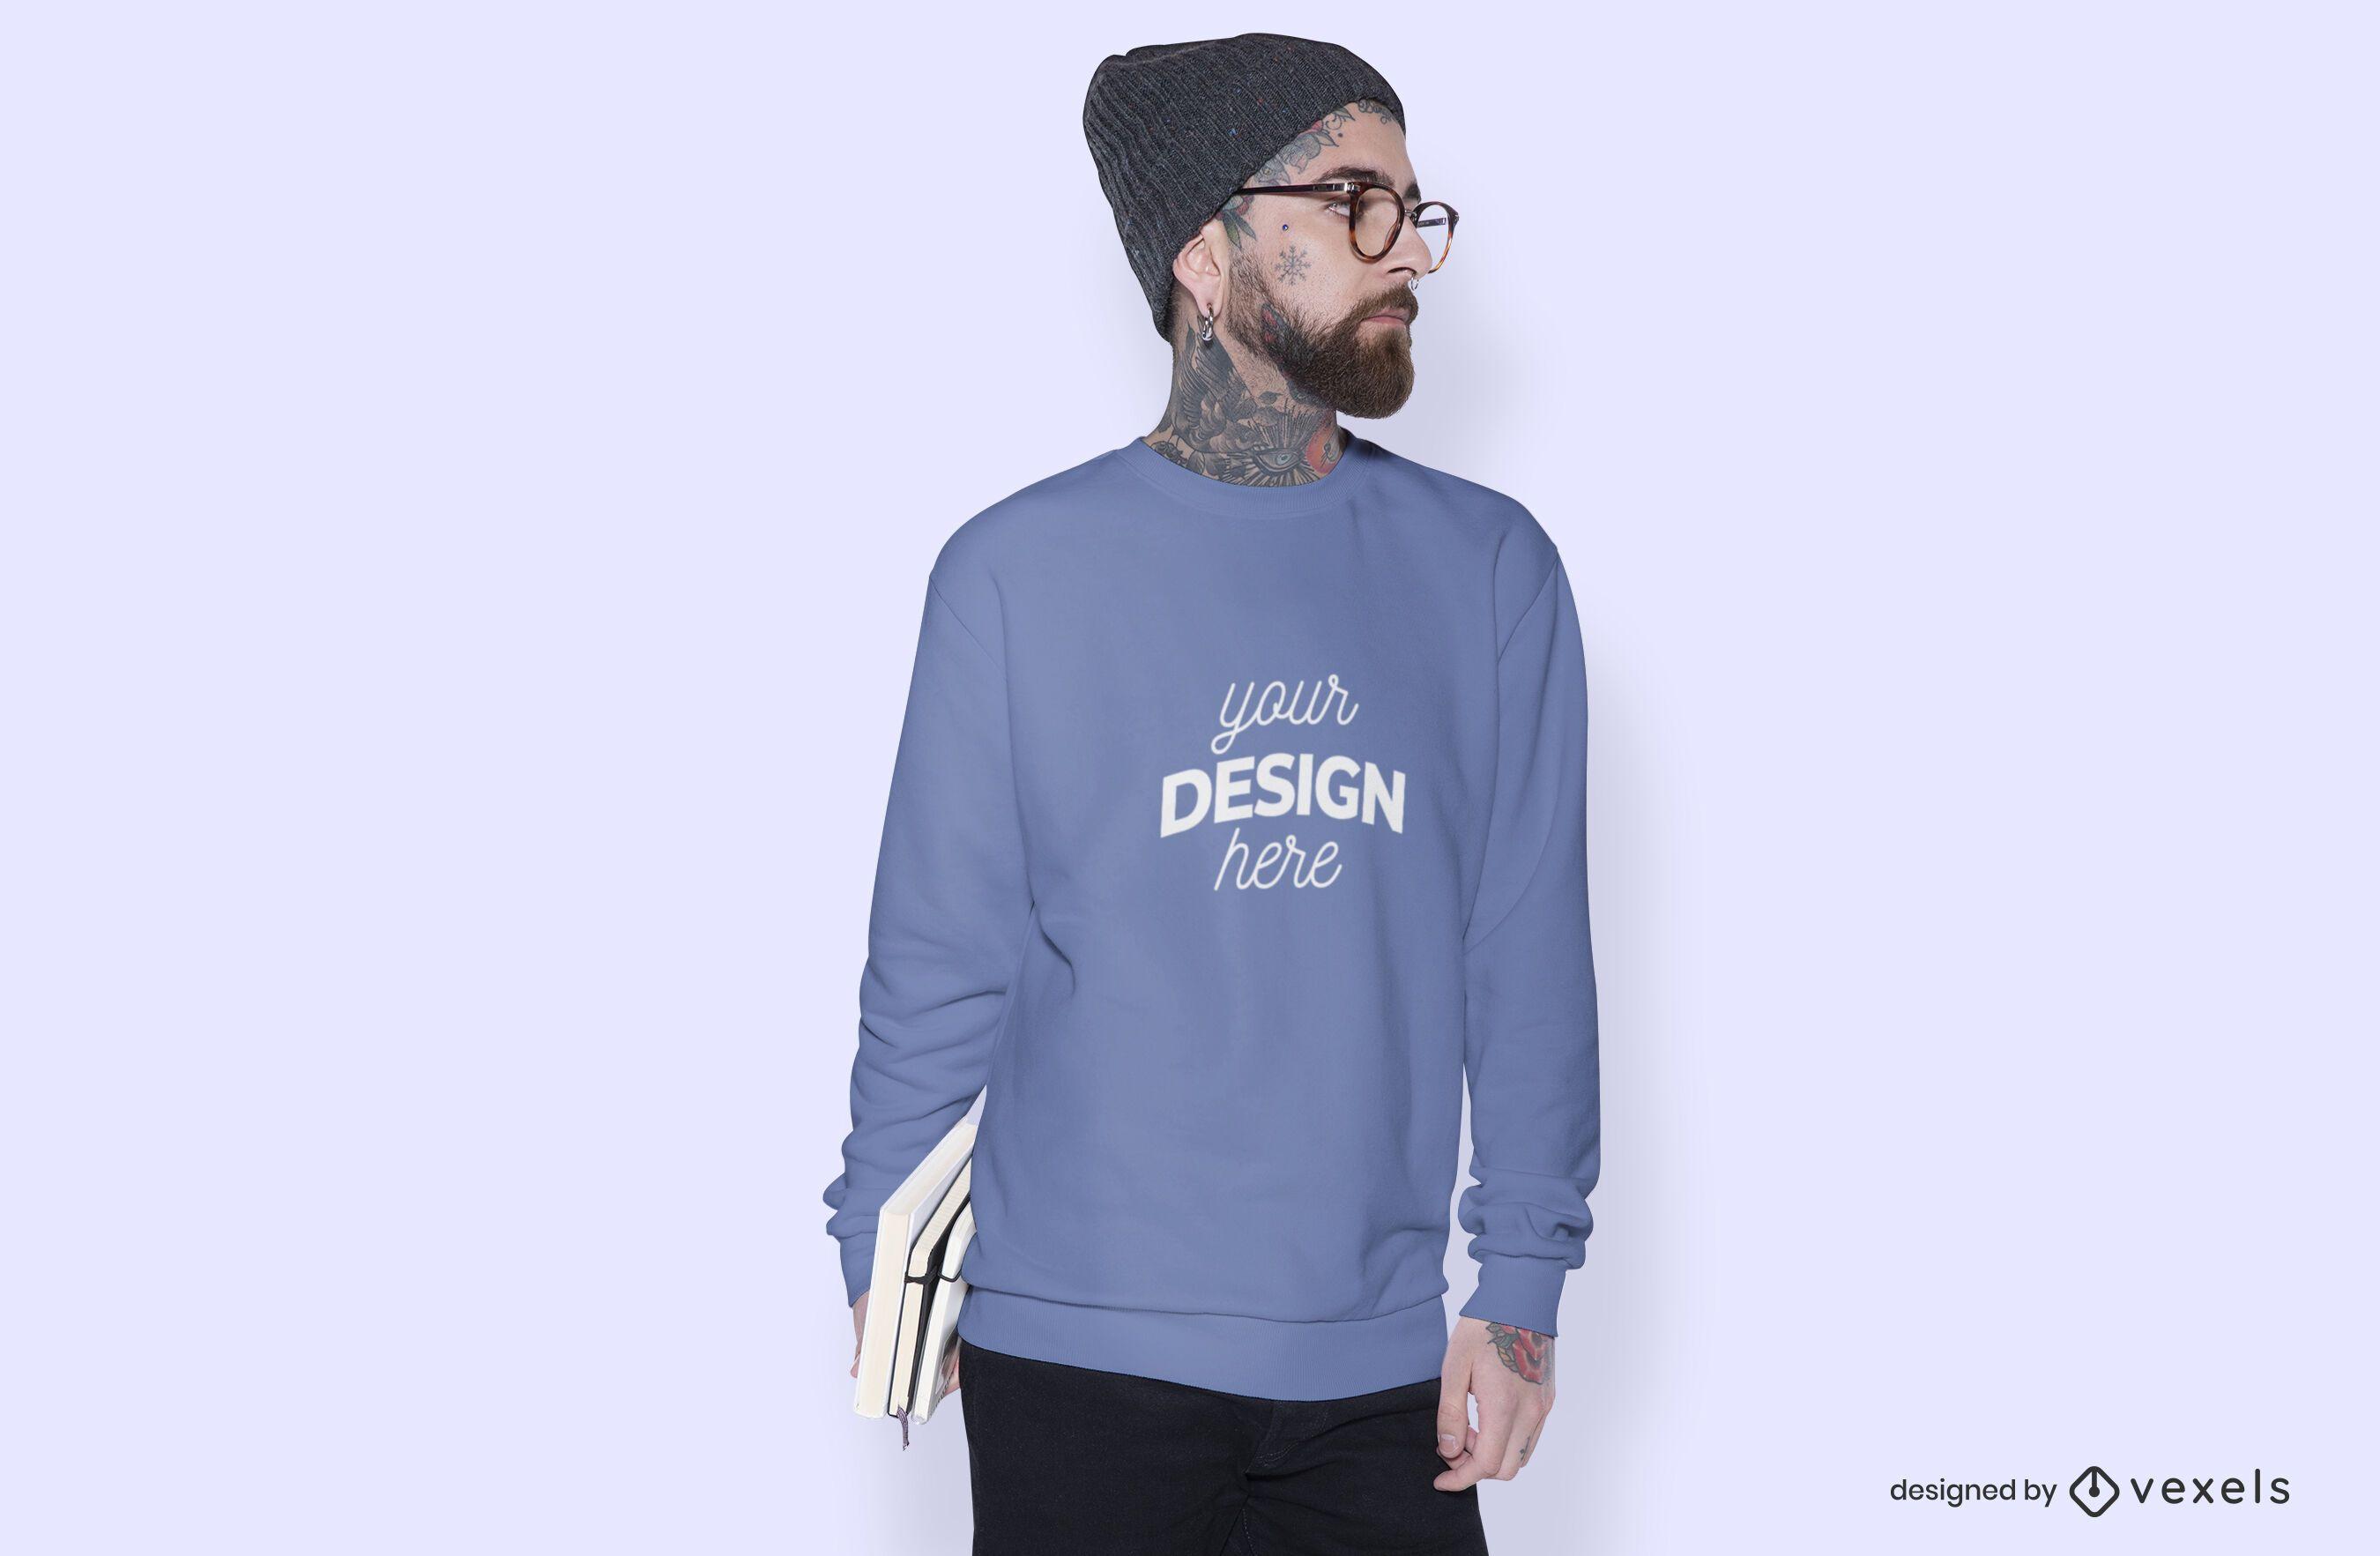 Männliches Modell-Sweatshirt-Modellentwurf